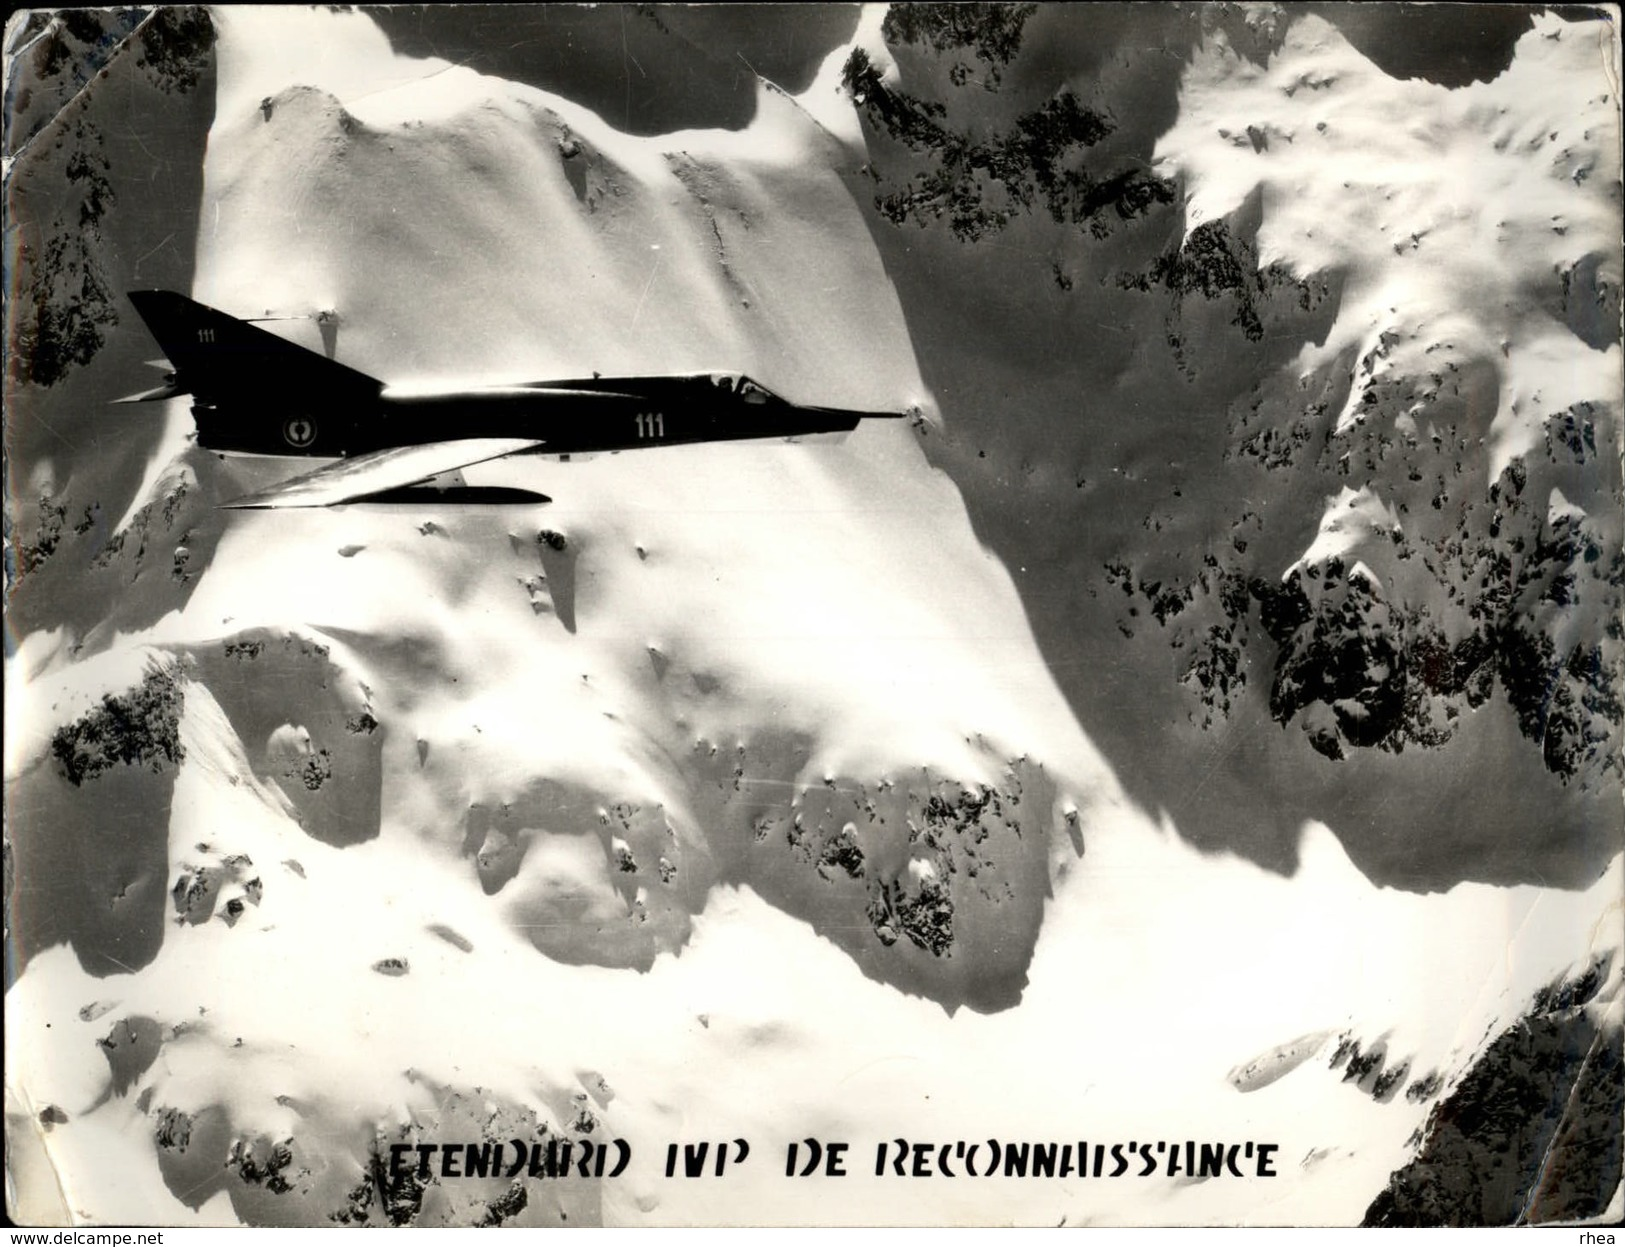 PHOTO - Photo De Presse - AVIATION - Etendard IVP De Reconnaissance - Avions Militaires - Aviation